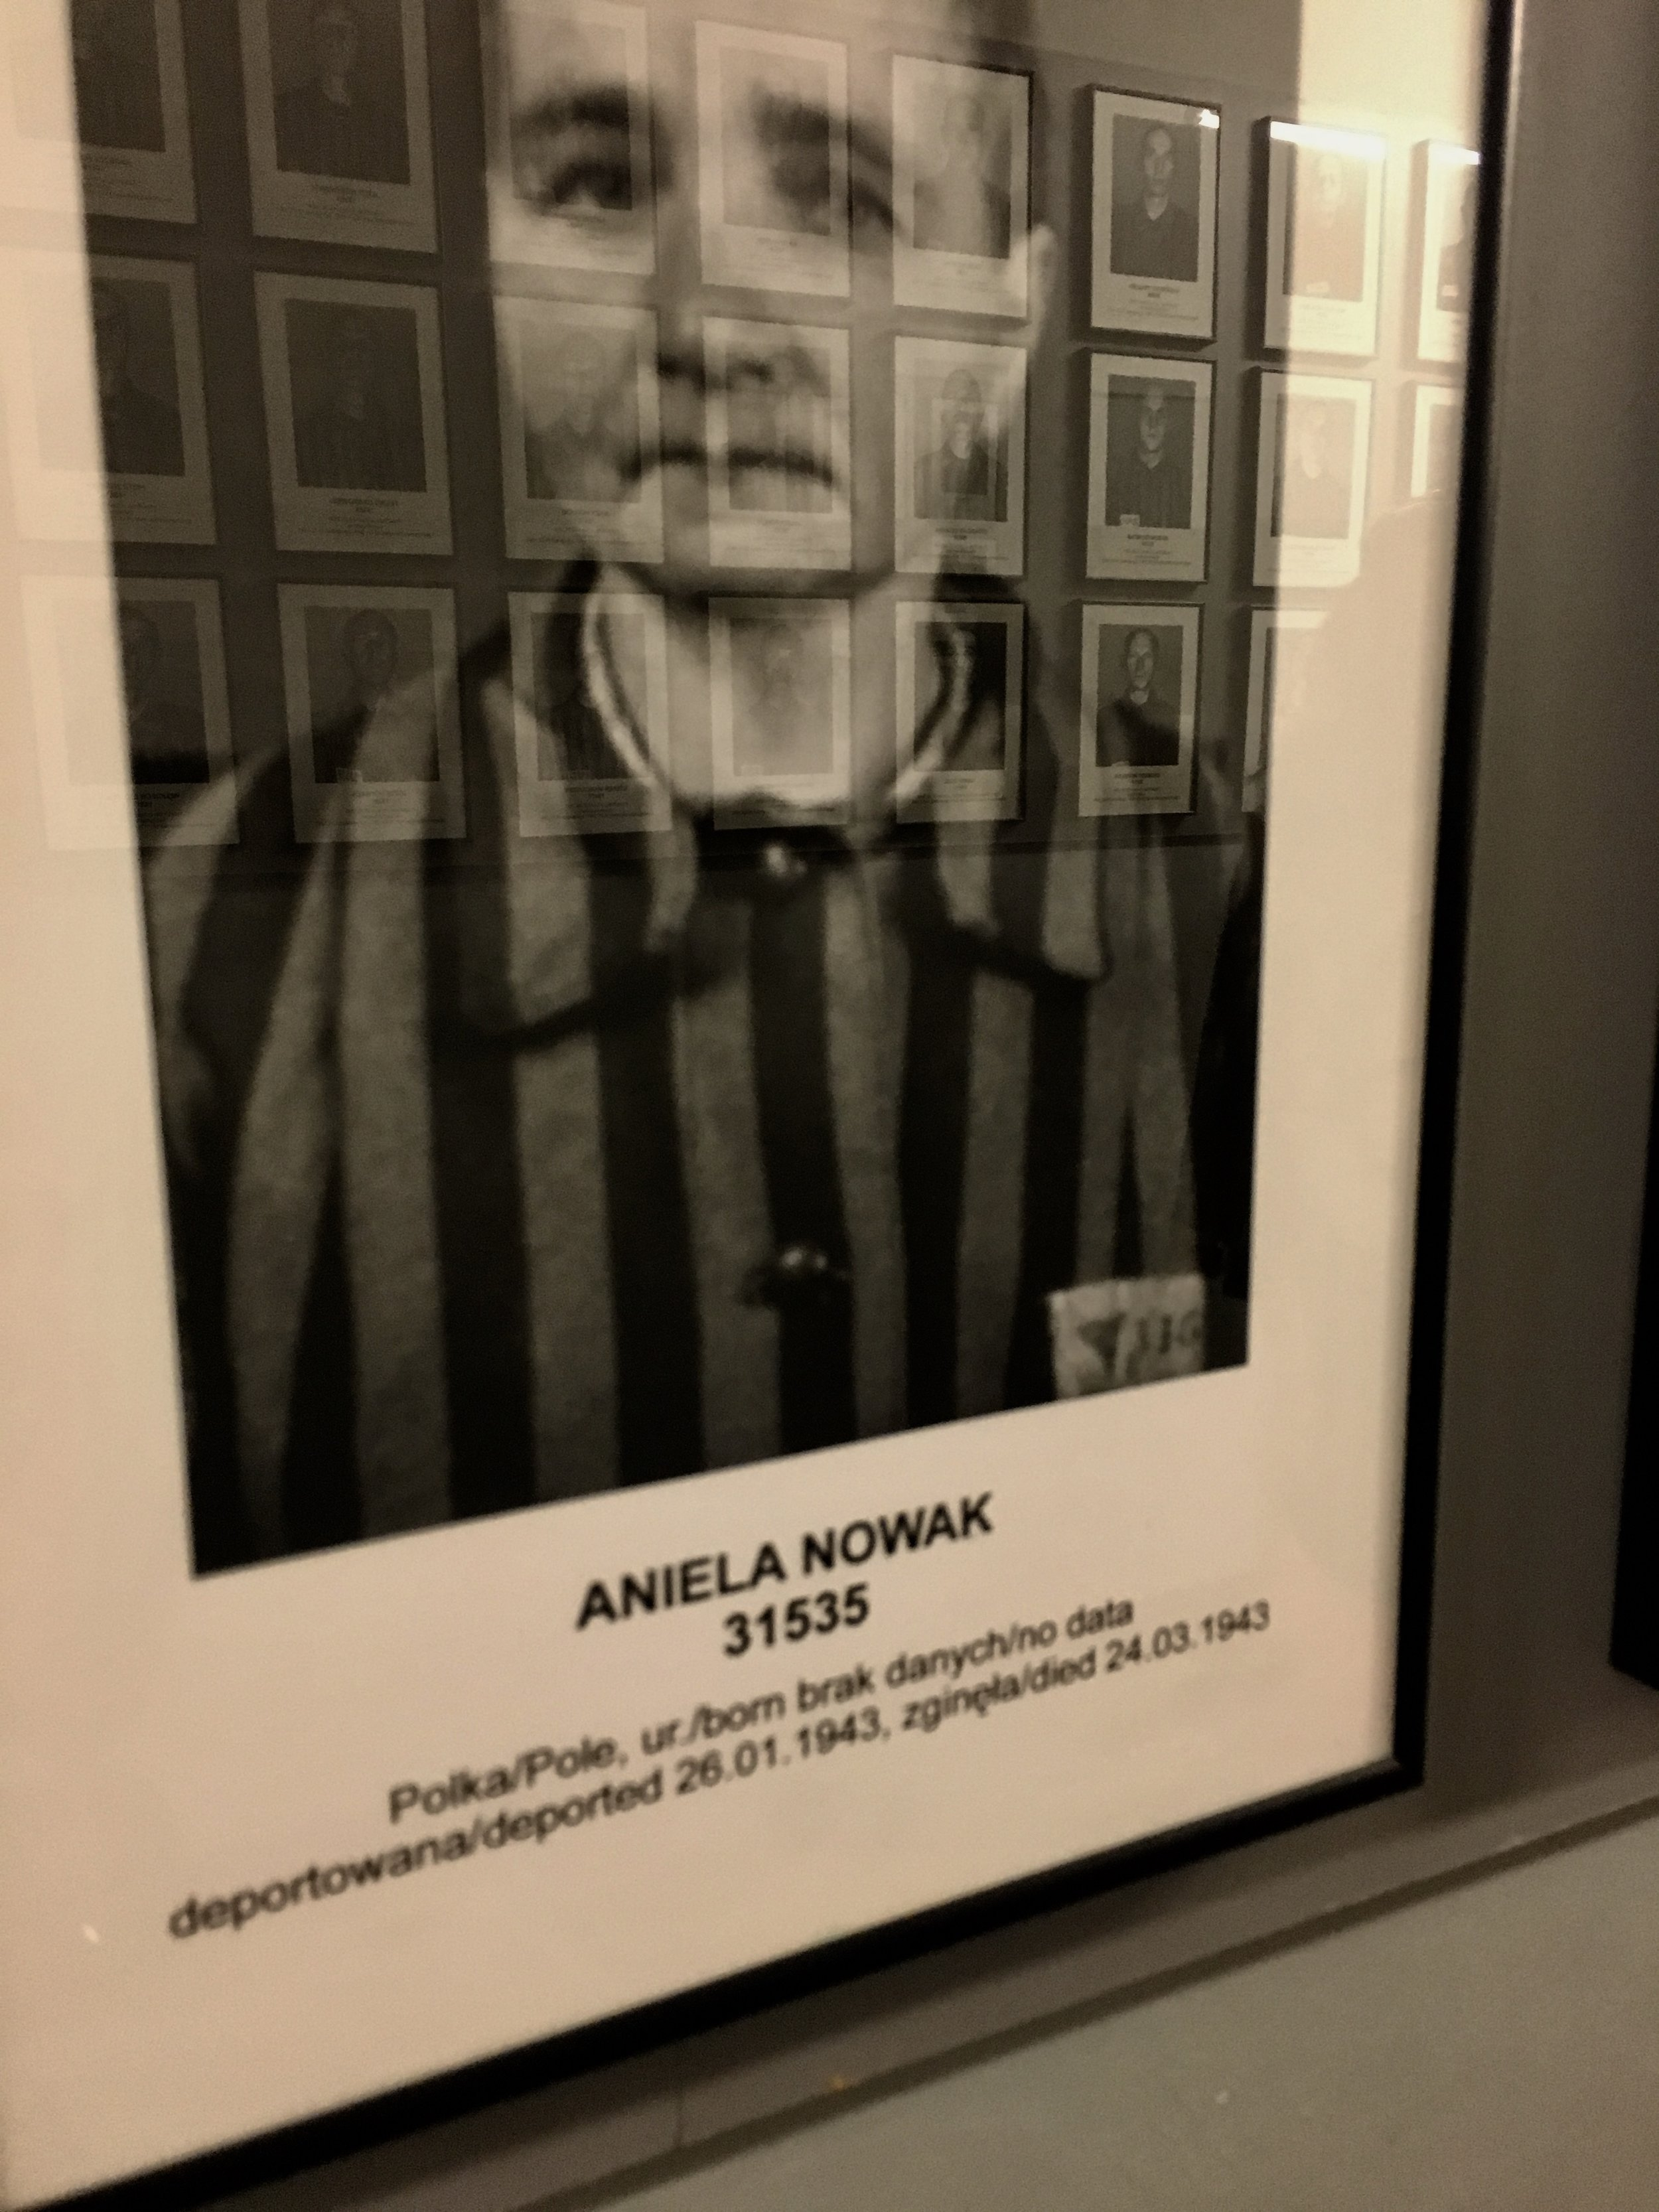 Aniela Nowak & Heinz I. Nitke Photos by Julián De La Chica